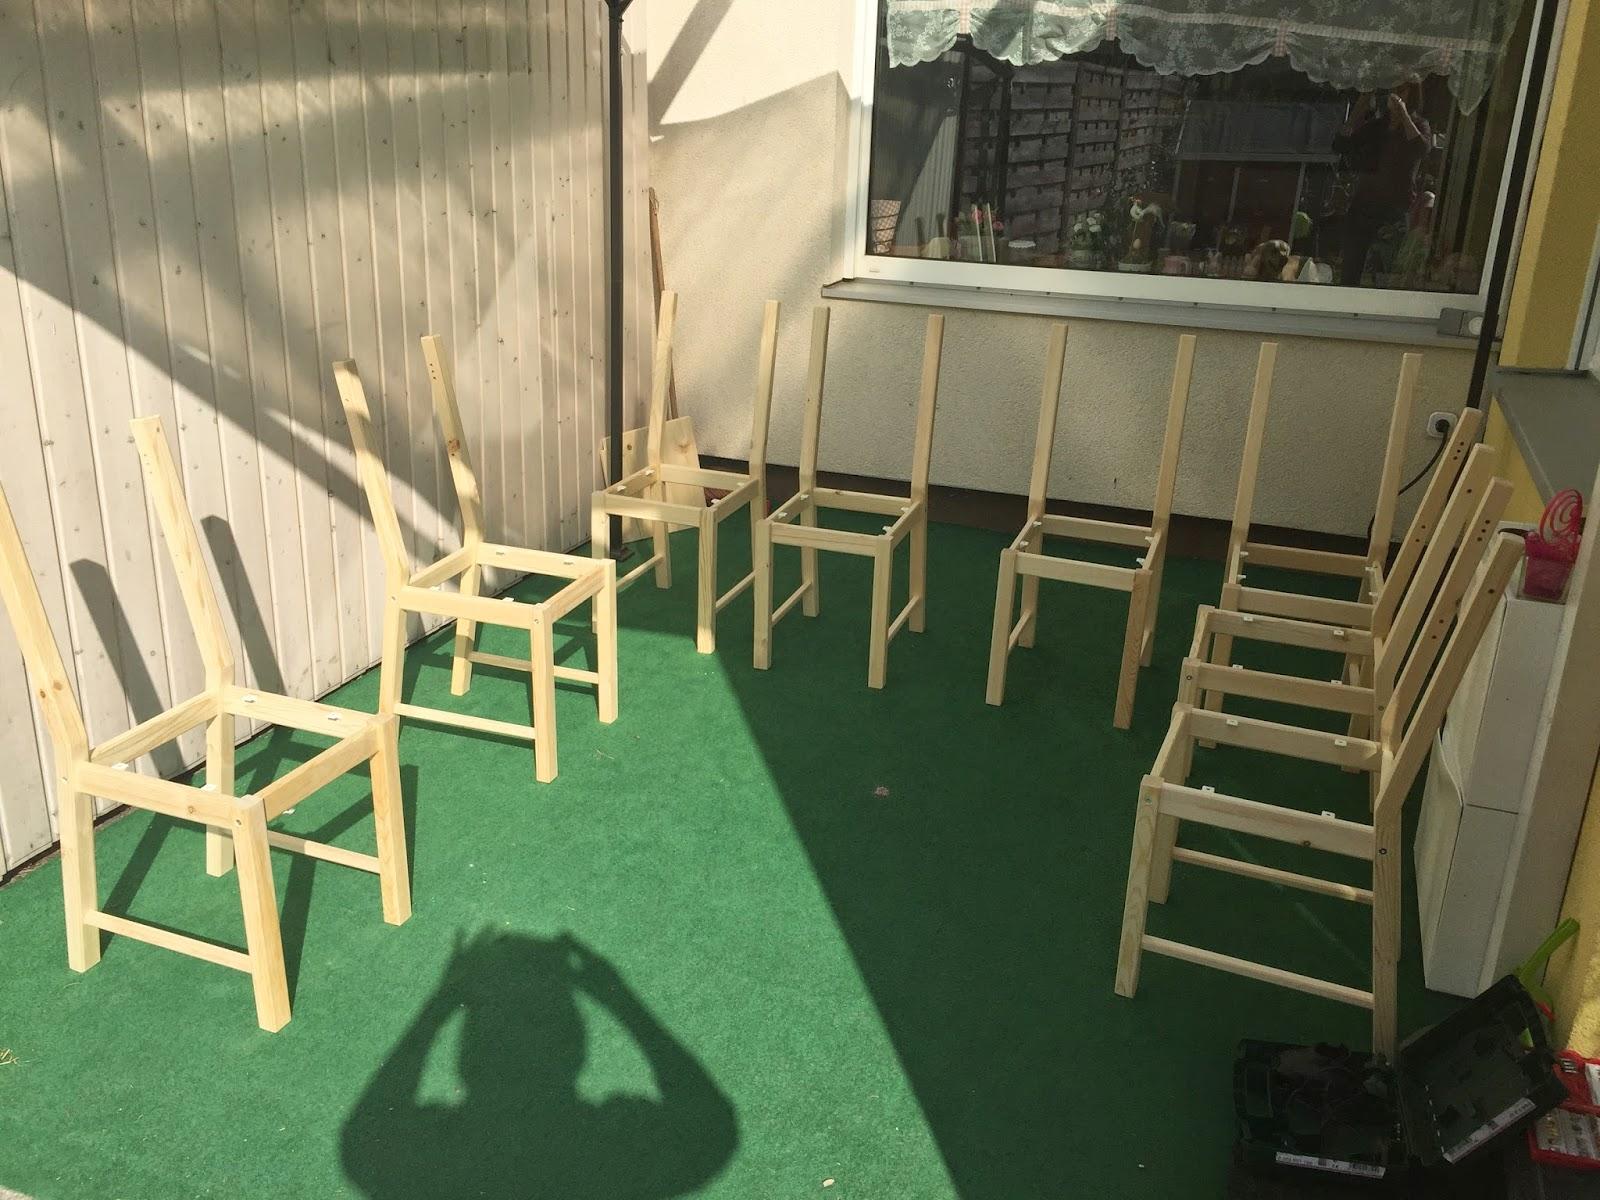 Full Size of Ikea Hack Sitzbank Küche Diy Aus 8 Sthlen Wird Eine Groe Mobile Essplatz U Form Mit Theke Landhausküche Hochglanz Nolte Miniküche Kühlschrank Kaufen Wohnzimmer Ikea Hack Sitzbank Küche